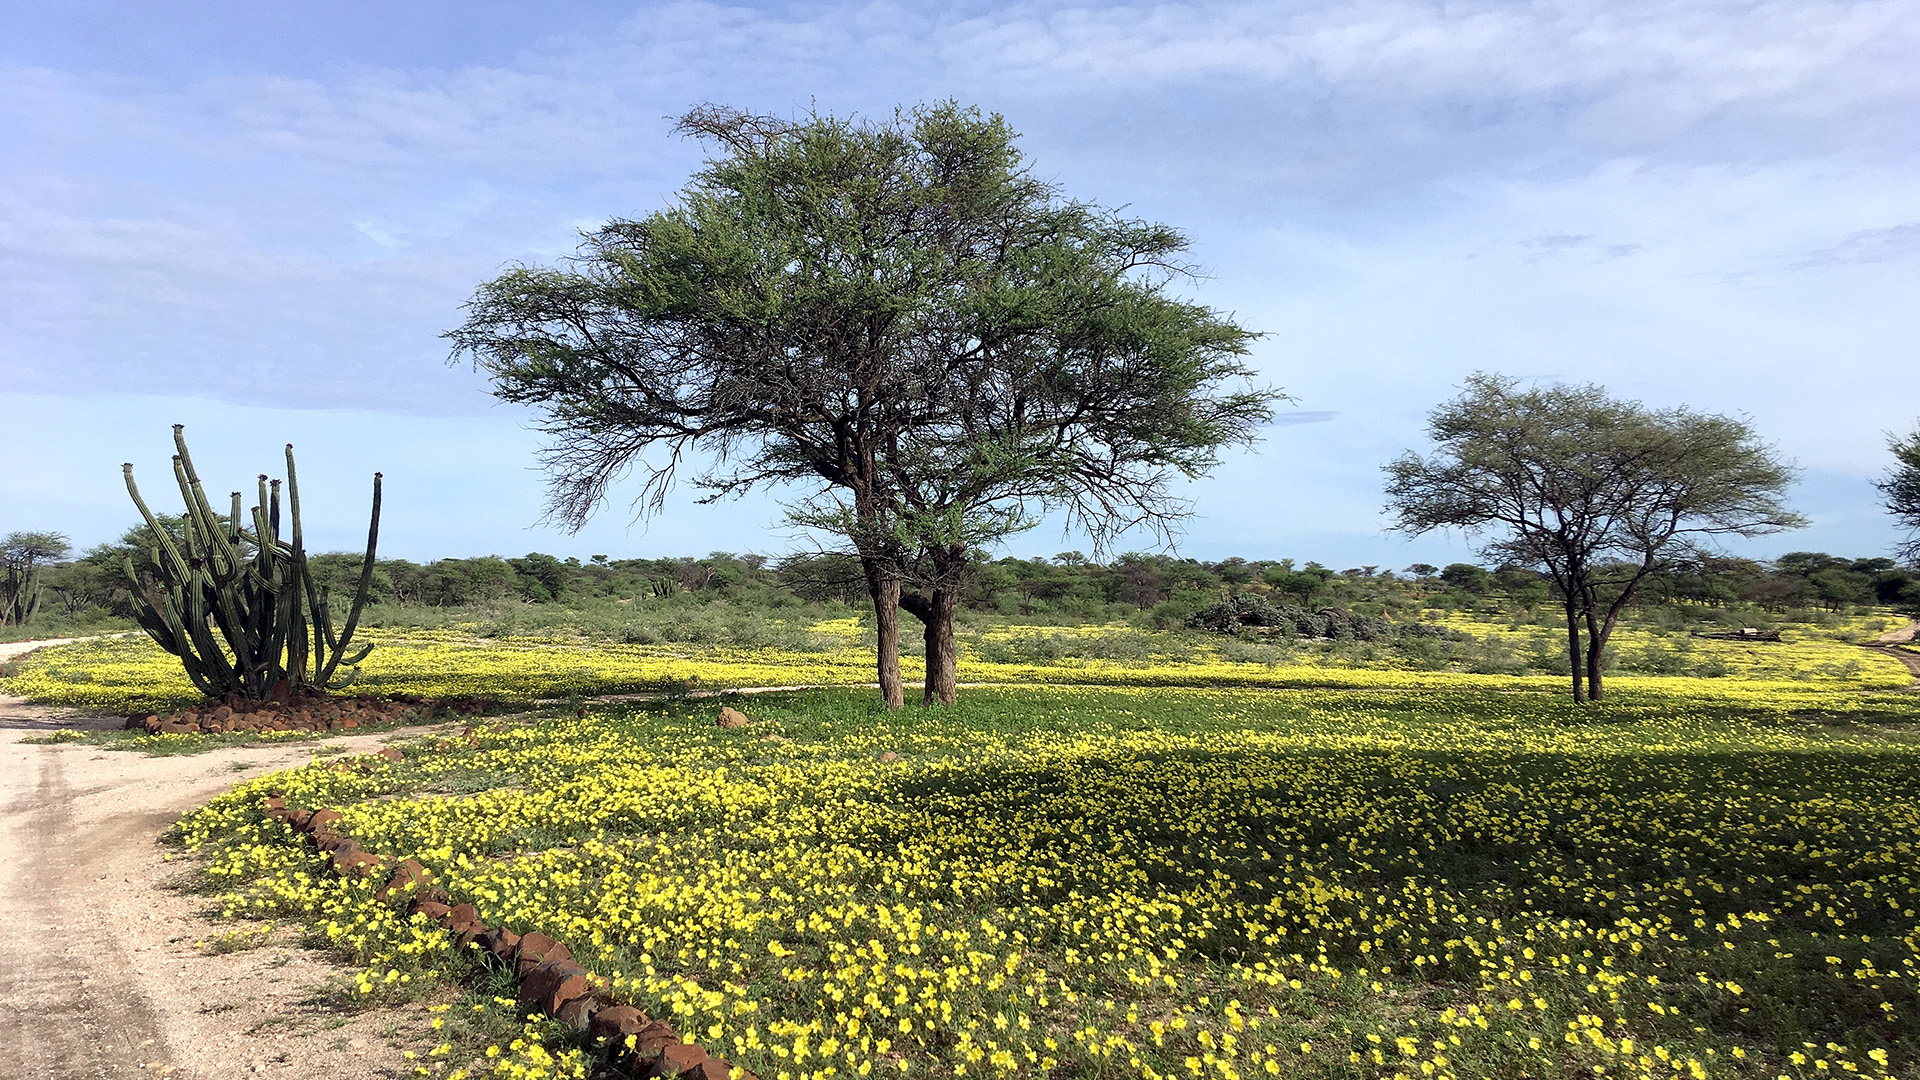 Nach vielen Jahren extremer Dürre hatte Namibia 2020 endlich wieder eine richtige Regenzeit